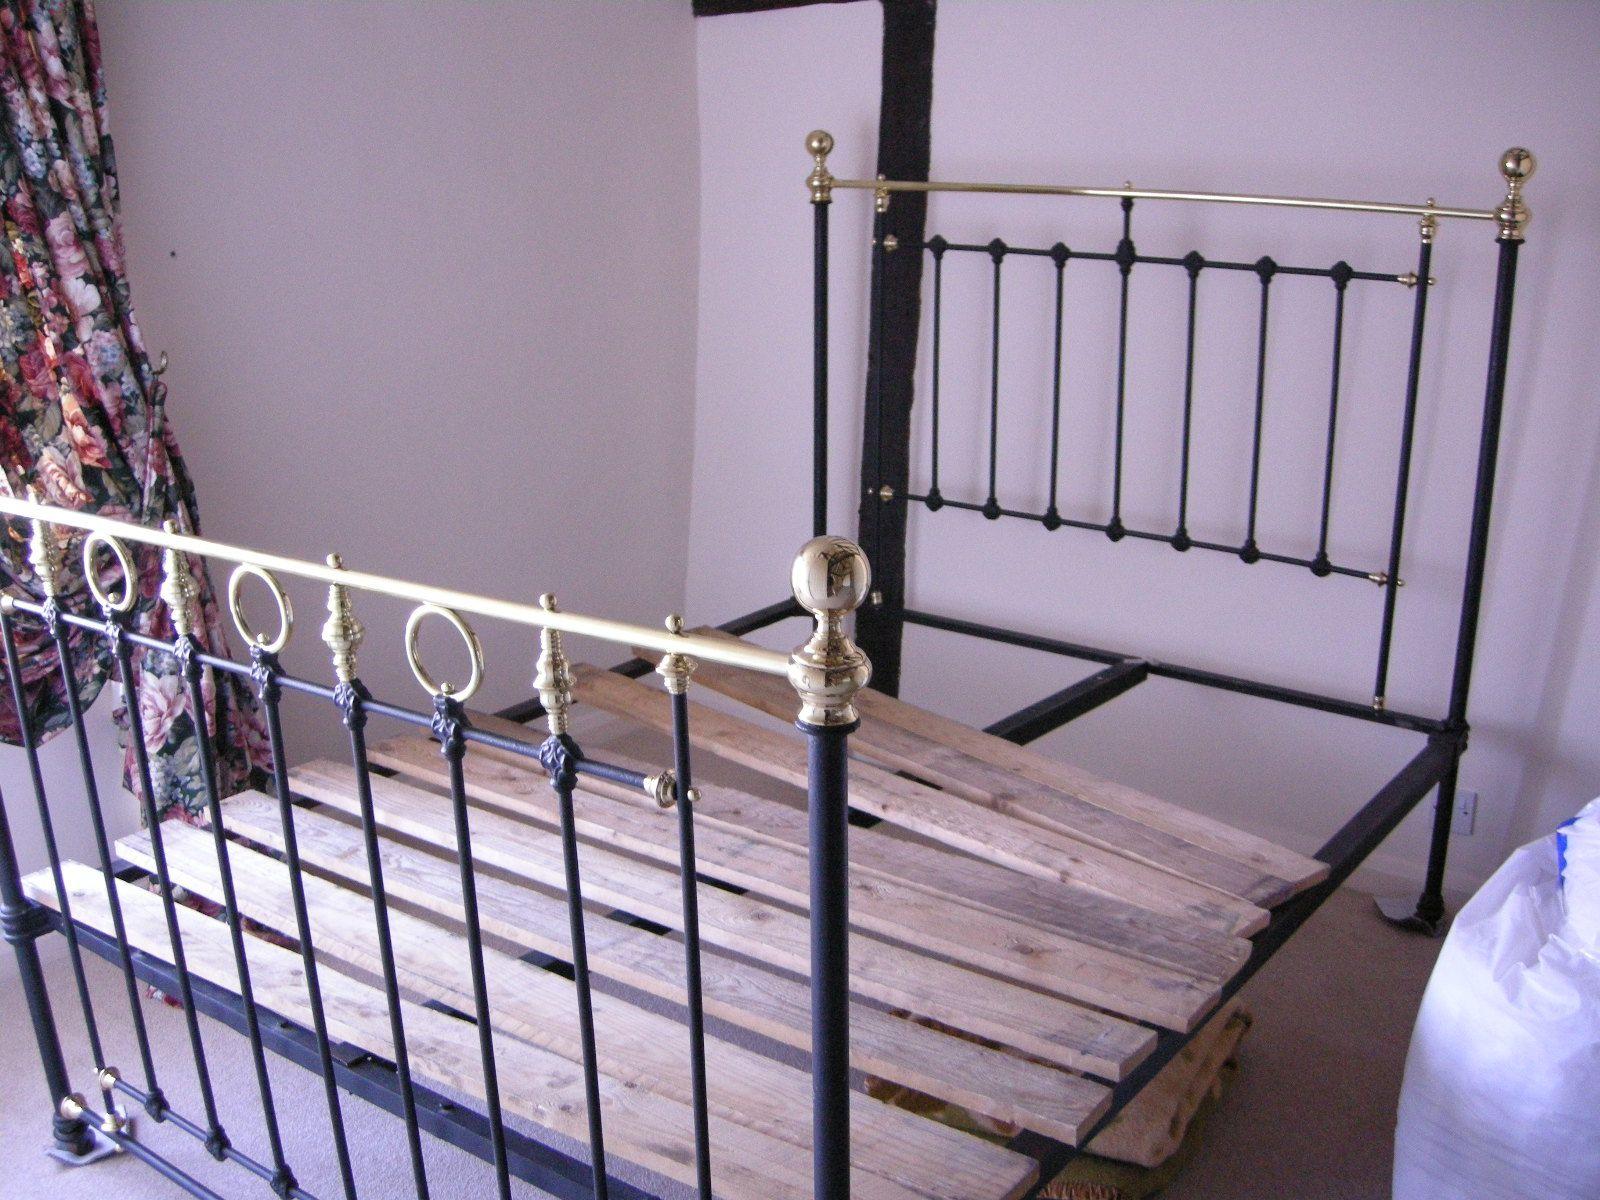 Cast Iron Bed Frame Bedroom: Brass Bed After Restoration